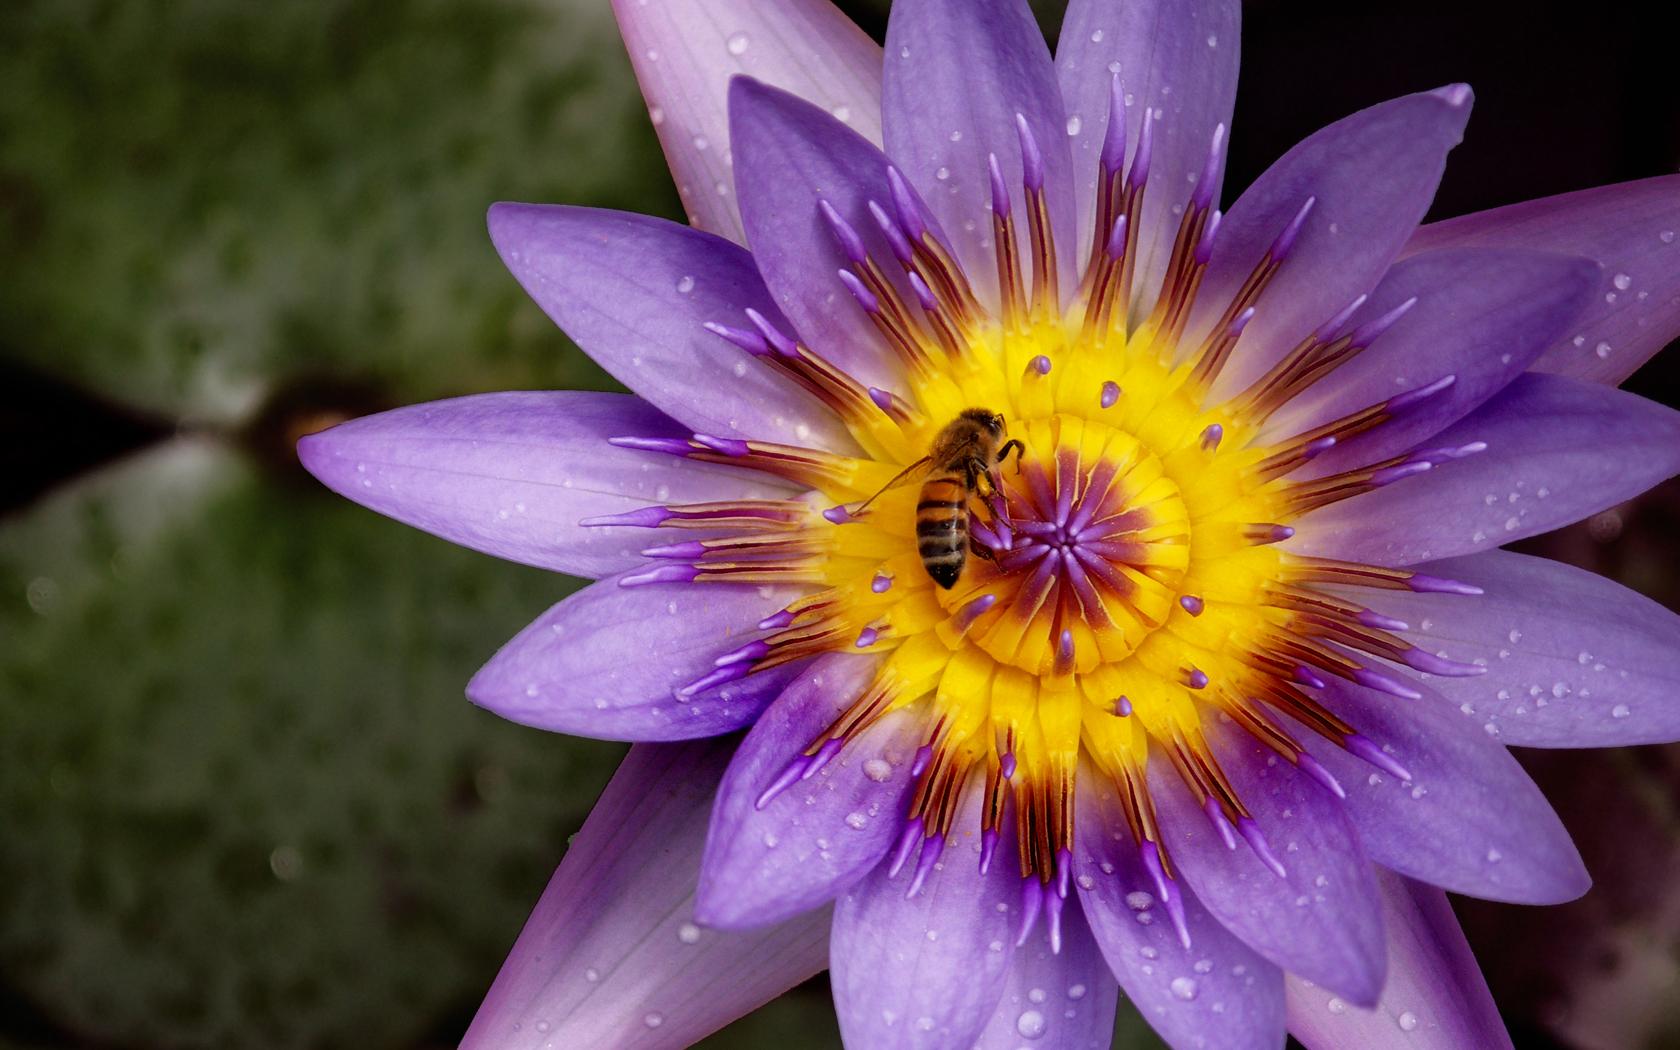 Stunning Lotus Flower Wallpaper 22019